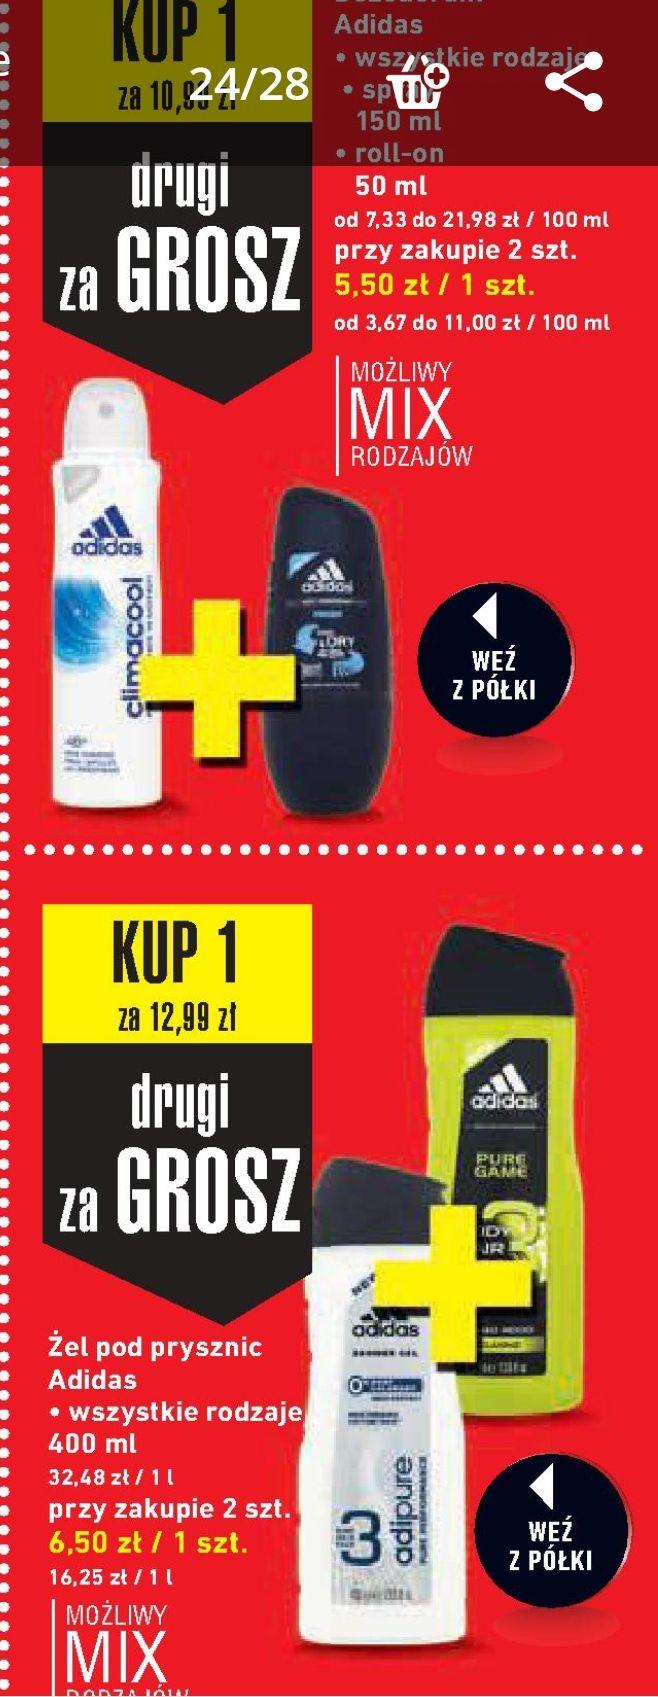 Dezodorant Adidas 2 szt. za 11zł|Żel Adidas 400ml 2 szt. za 13zł @Intermarche